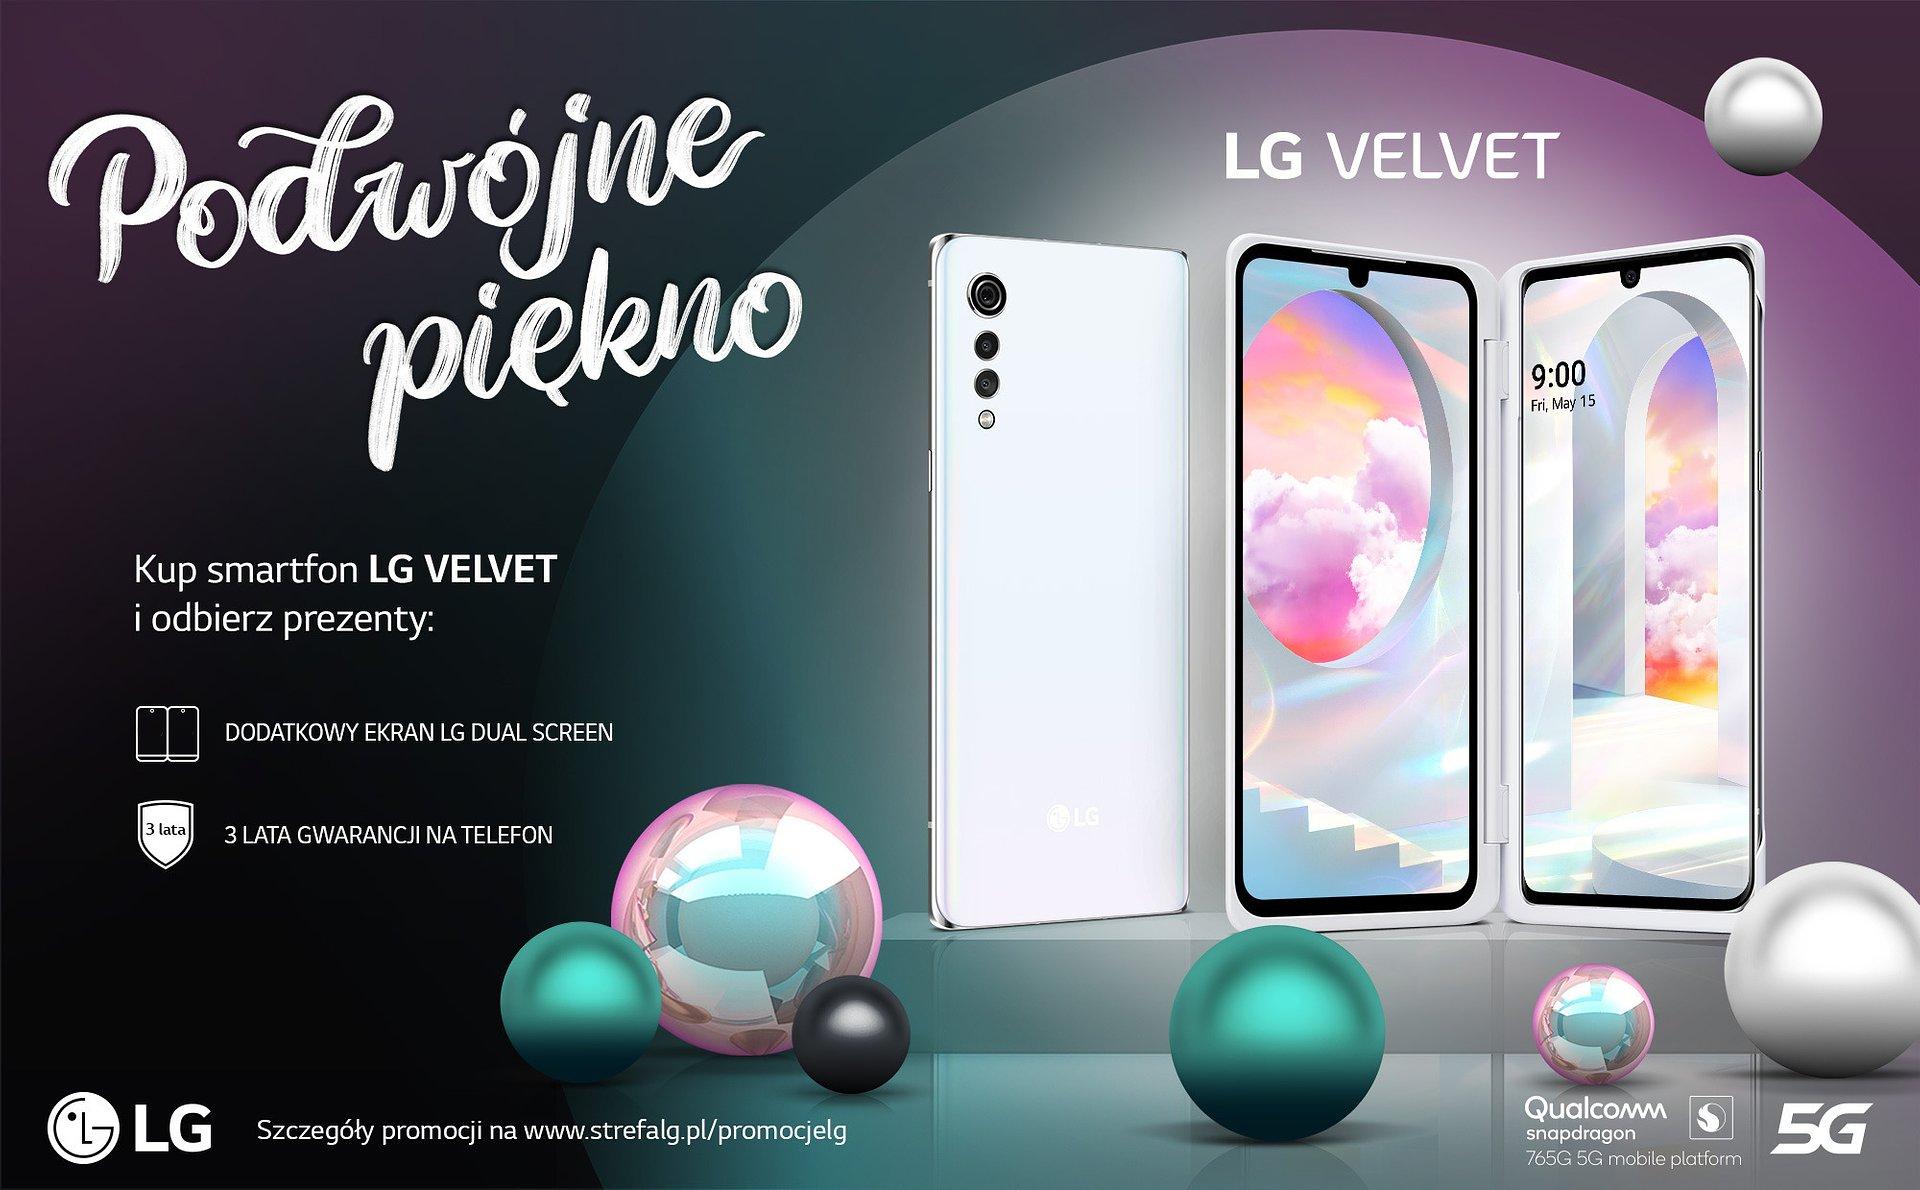 Moc wakacyjnych promocji od LG - Deskorolka, dodatkowy ekran OLED LG Dual Screen czy bezprzewodowe słuchawki